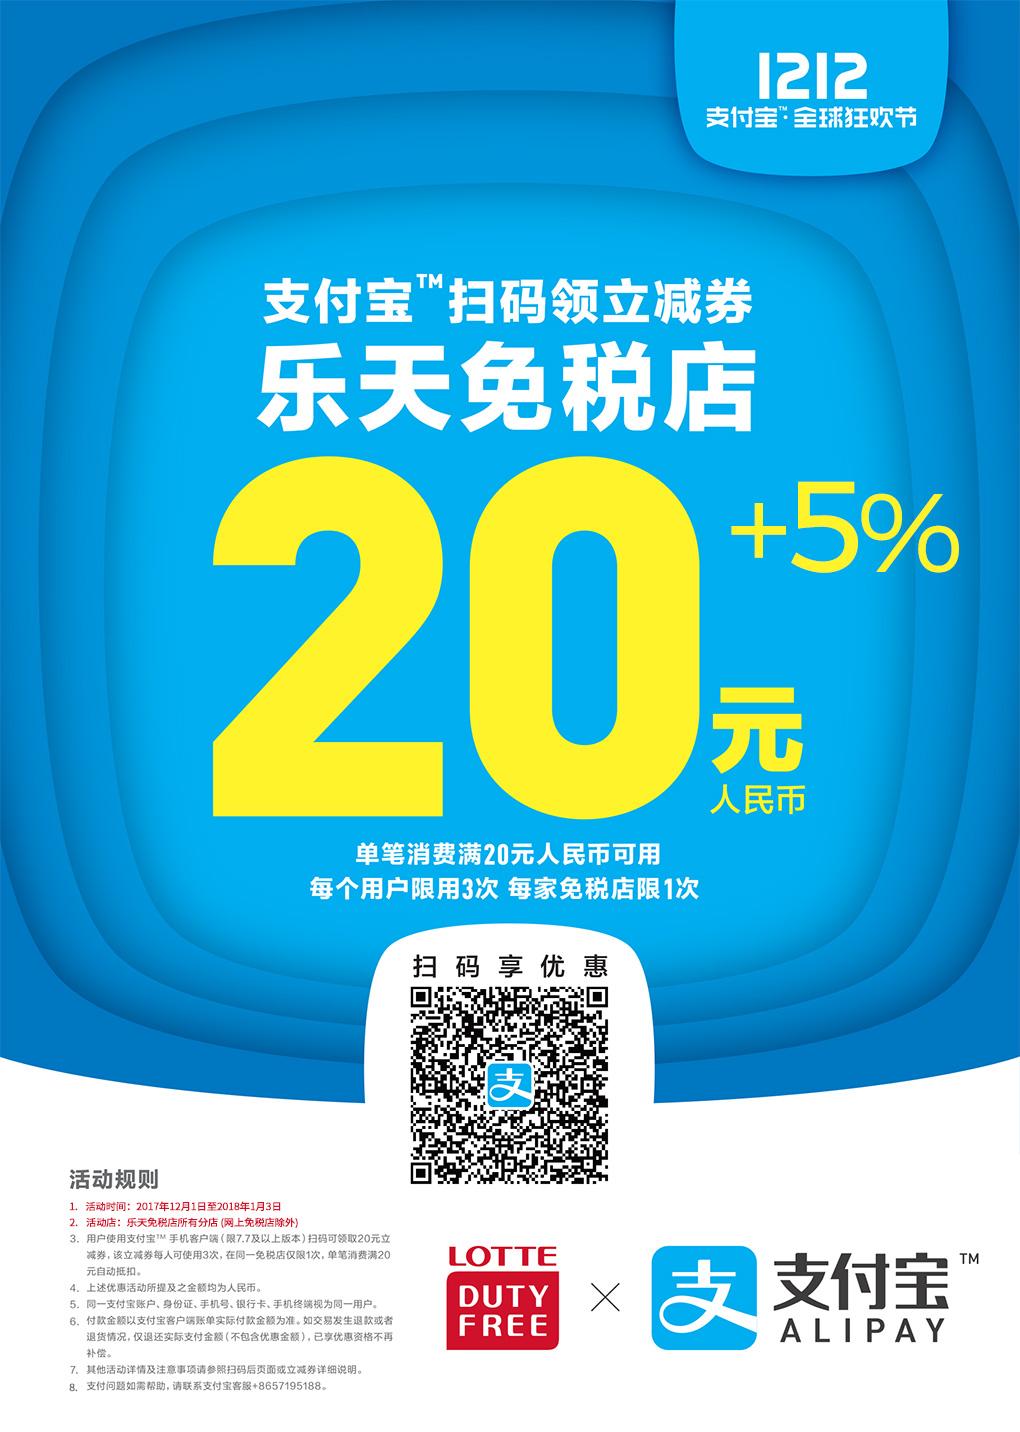 支付宝 X 乐天免税店 20元人民币+5%